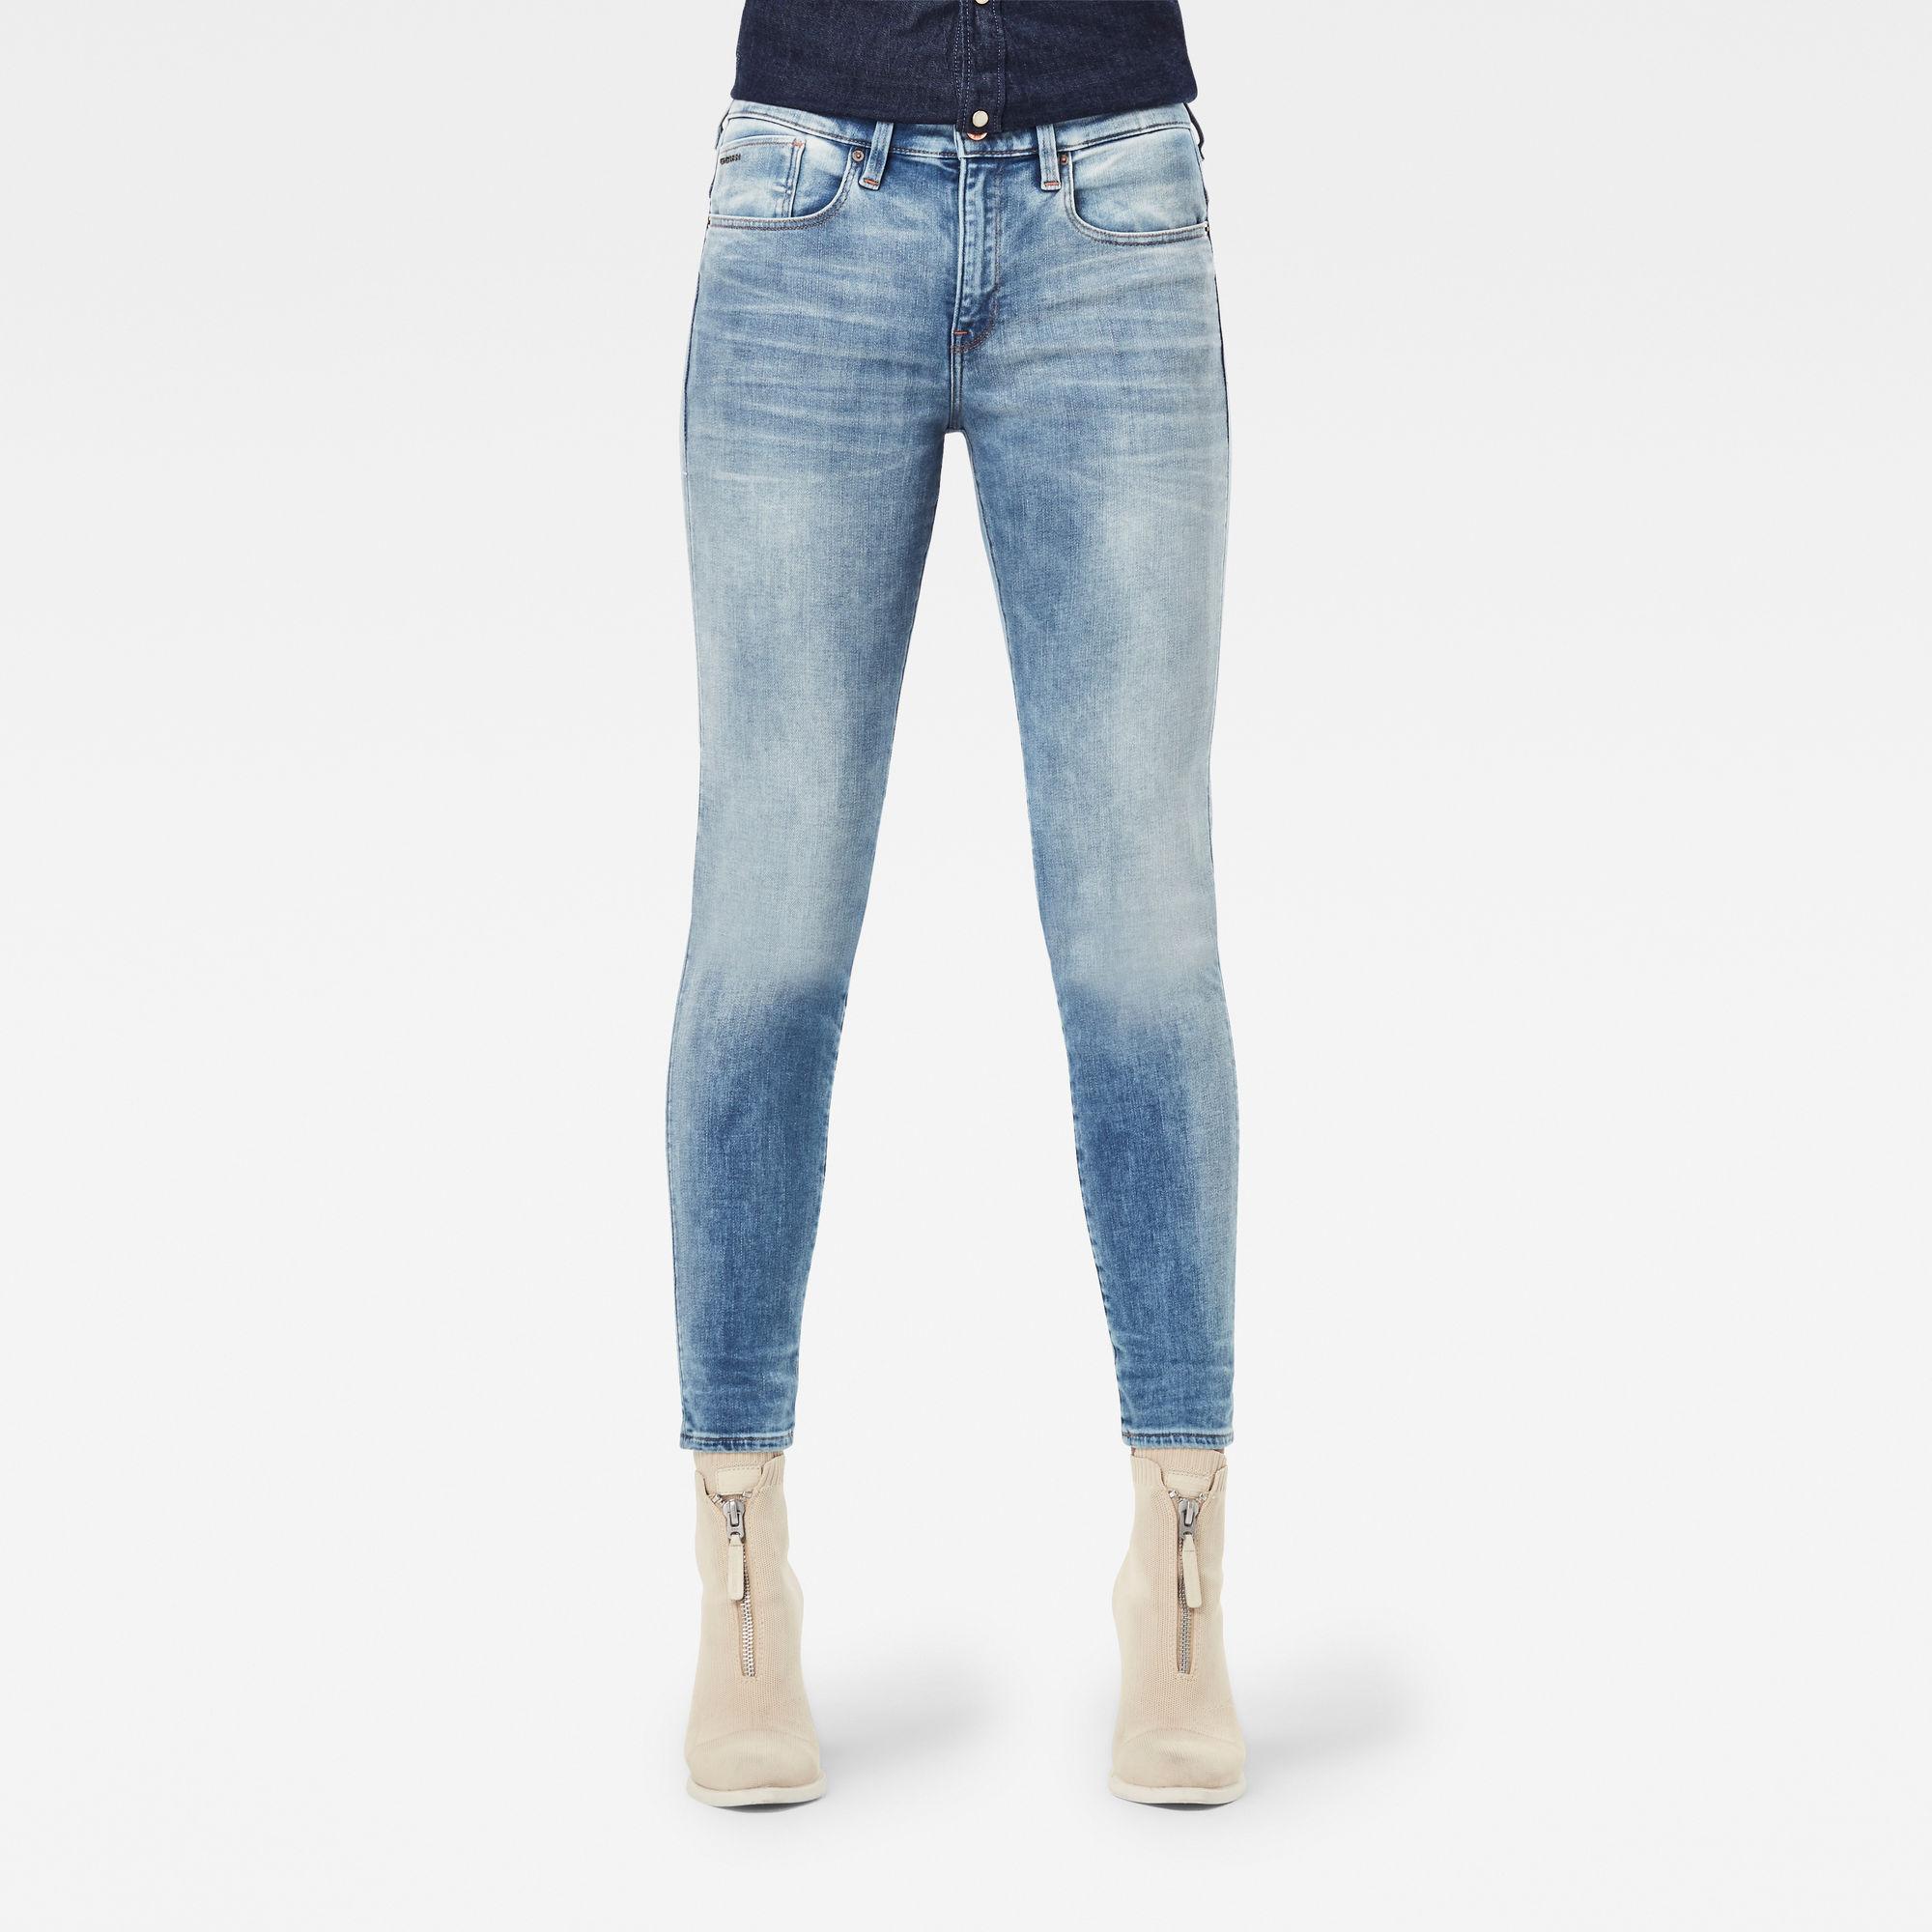 G-Star RAW Dames Lhana Skinny Jeans Lichtblauw